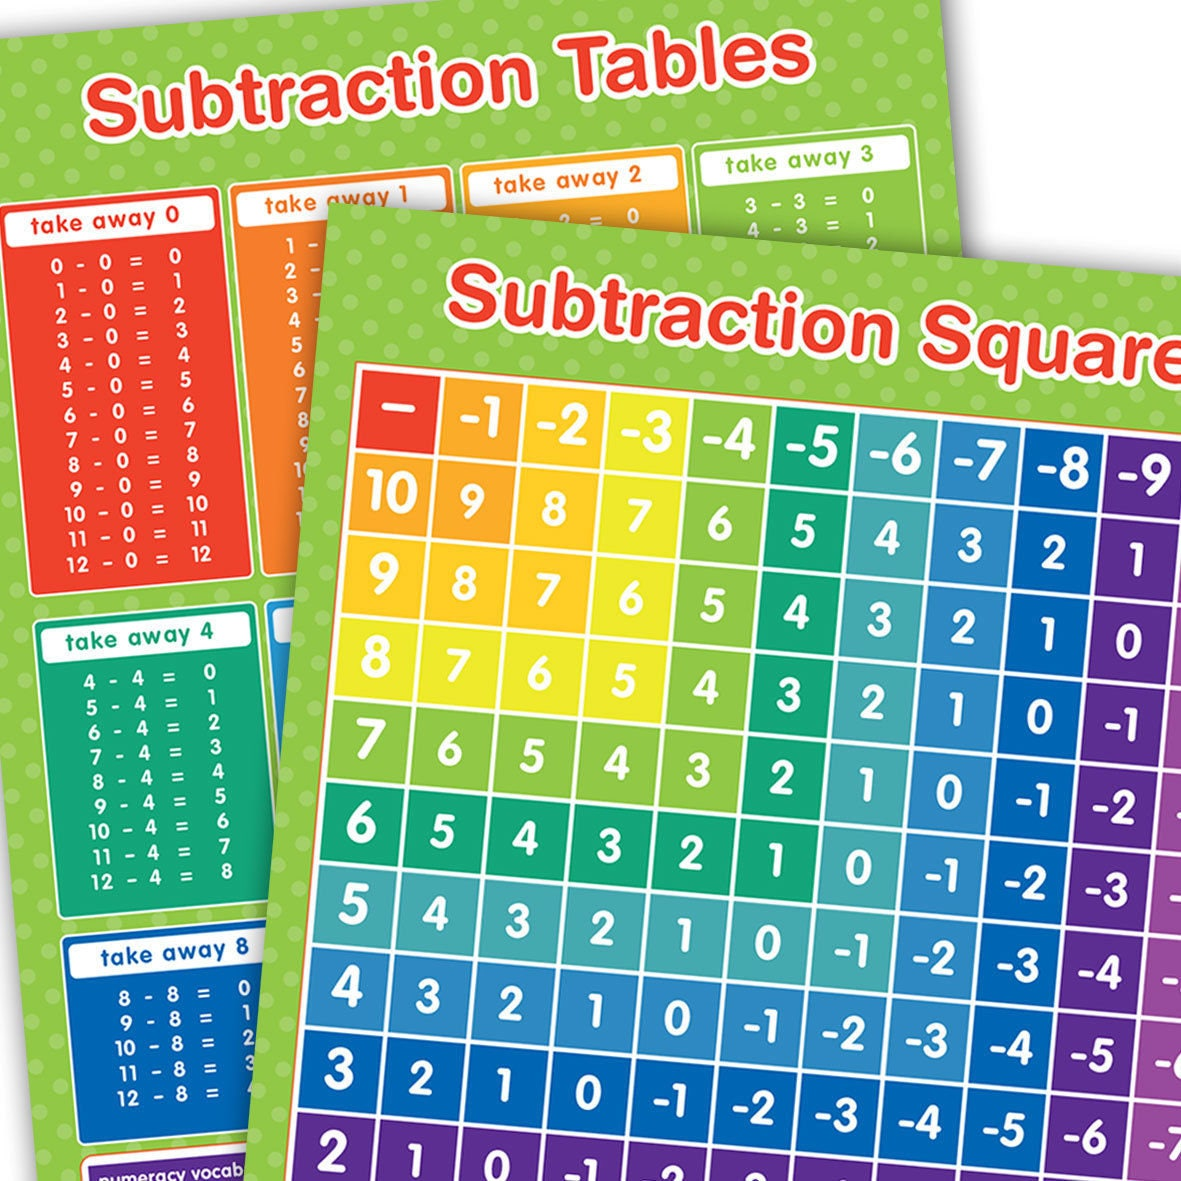 Subtraktion Tabellen & Platz Poster rechnen pädagogische | Etsy